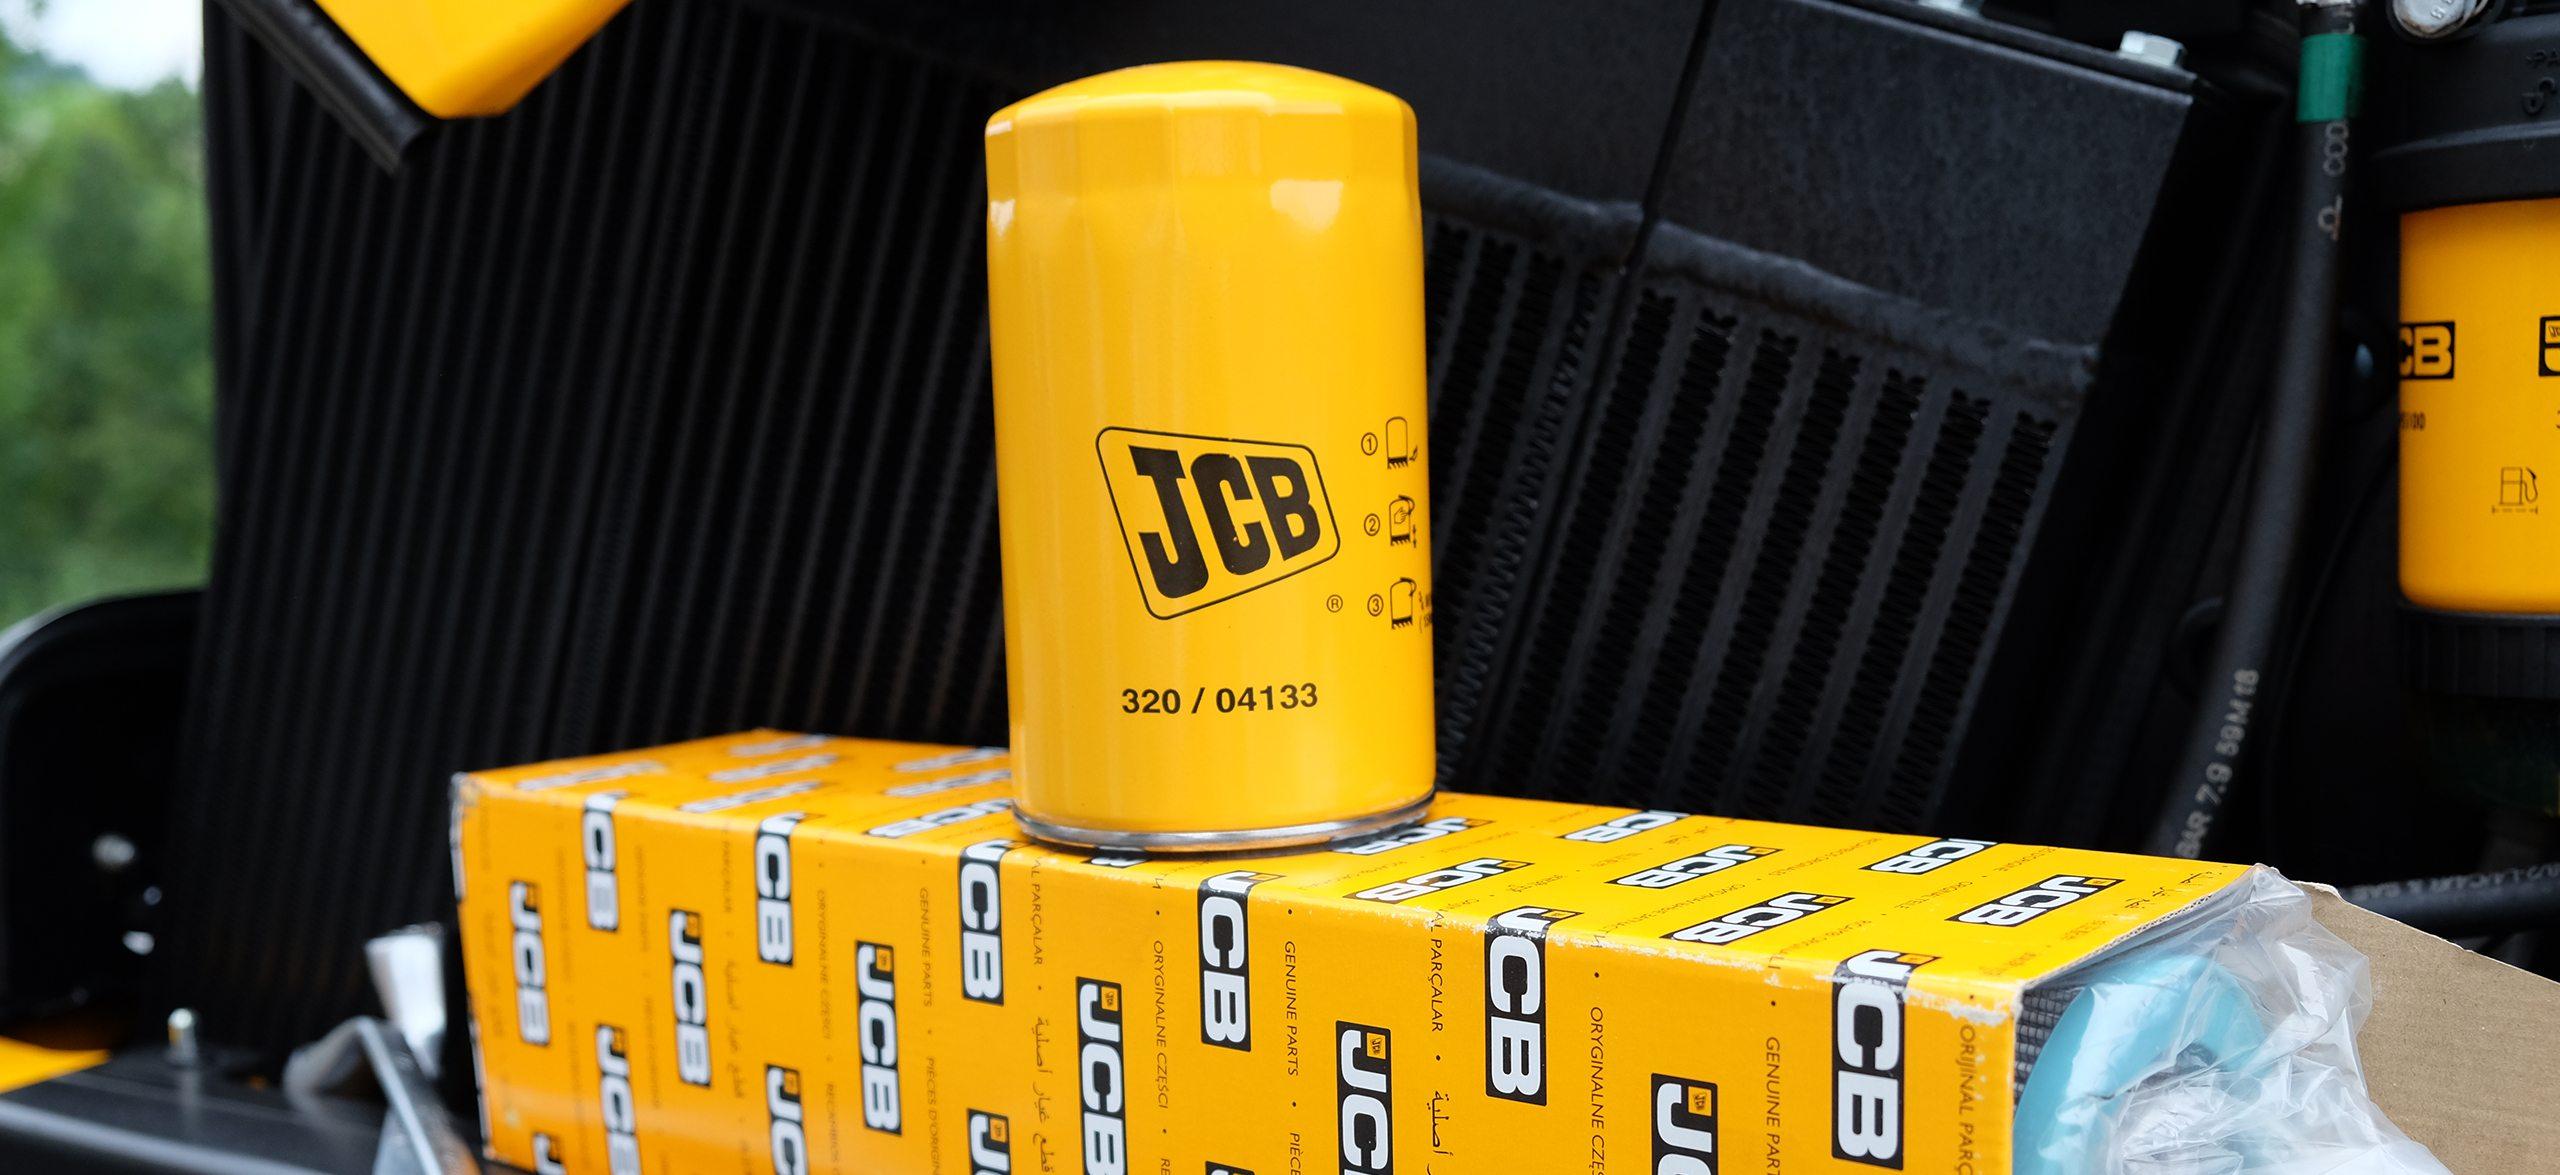 JCB original Ersatzteil steht auf JCB Verpackungskarton.